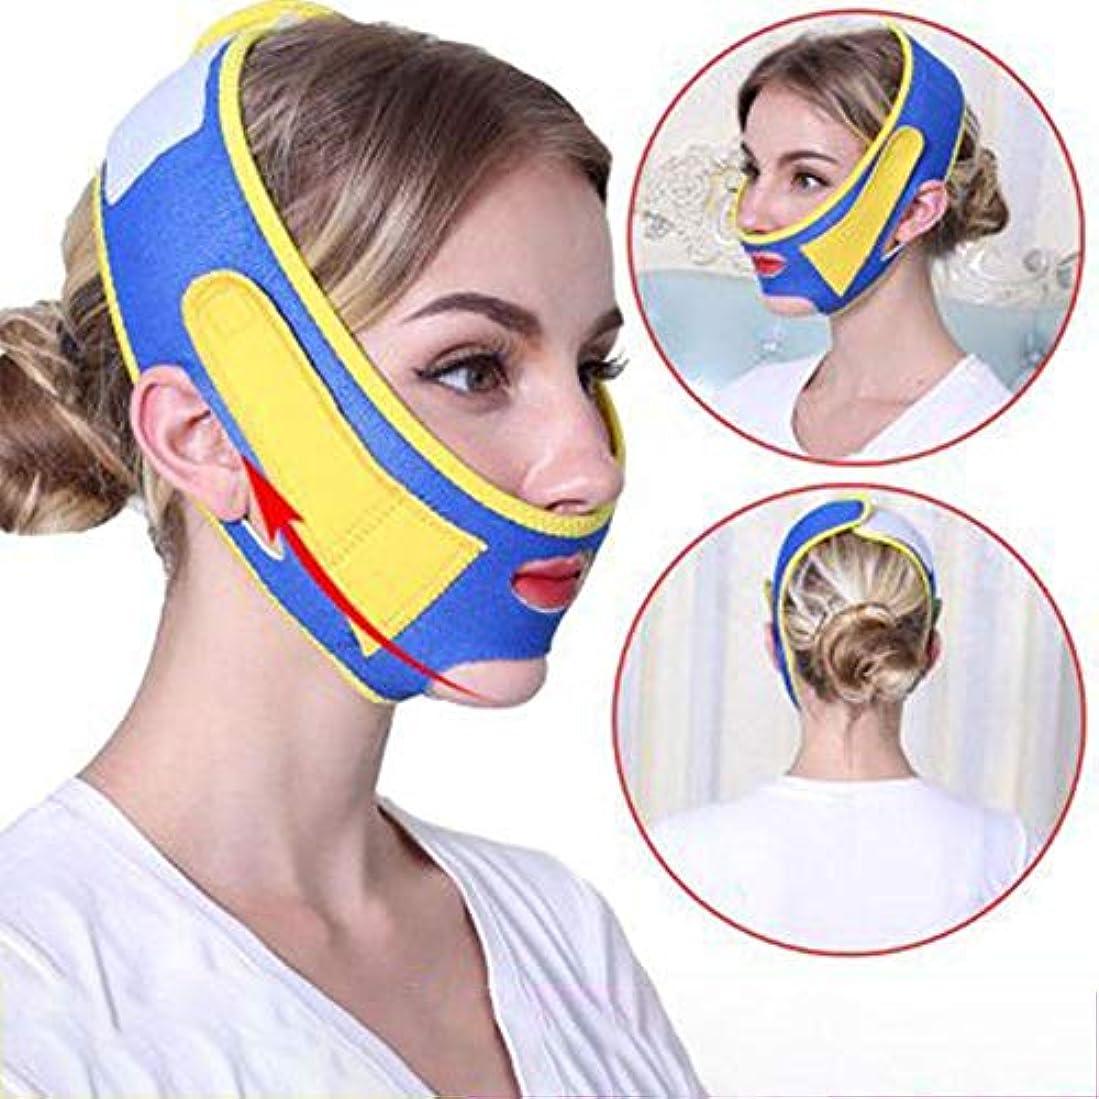 競争匿名モスフェイススリミング薄いマスク包帯フェイスリフトアップベルトスリーピングフェイスリフトマスクマッサージ痩身フェイスシェイパー